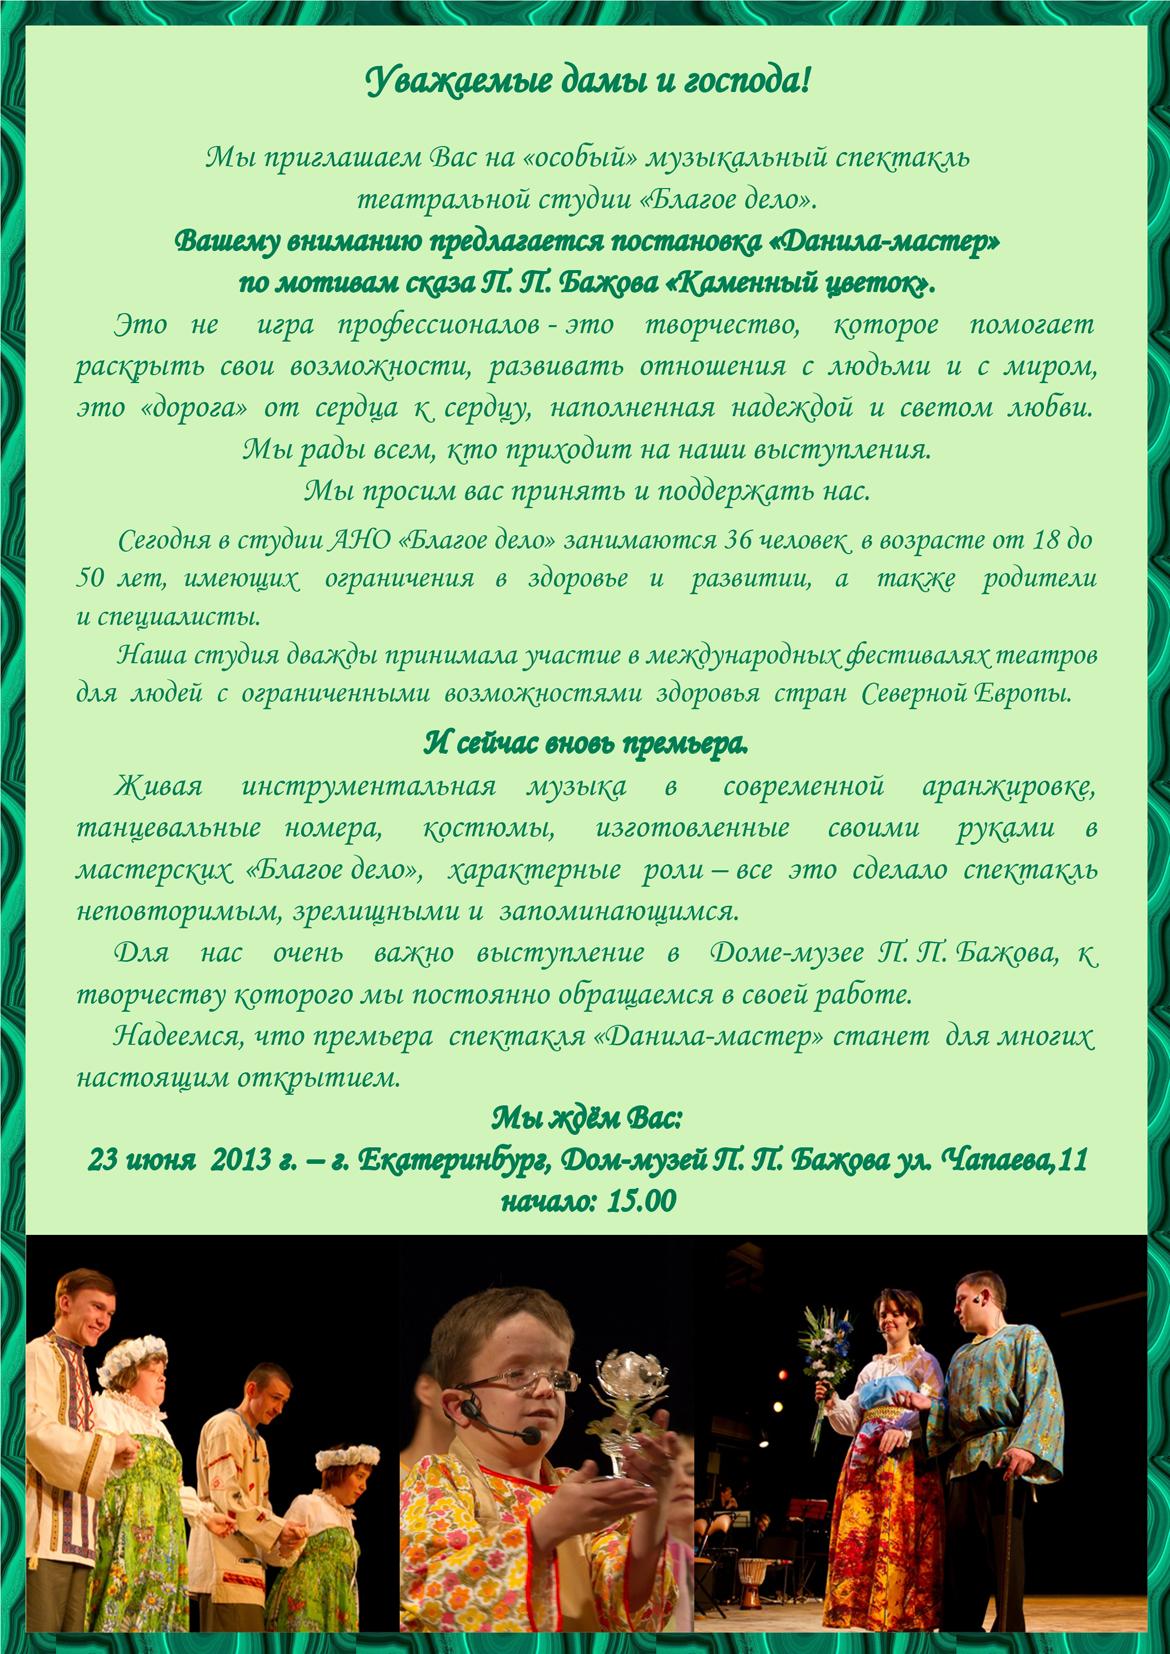 Пресс-релиз выступления в Екатеринбурге (2)